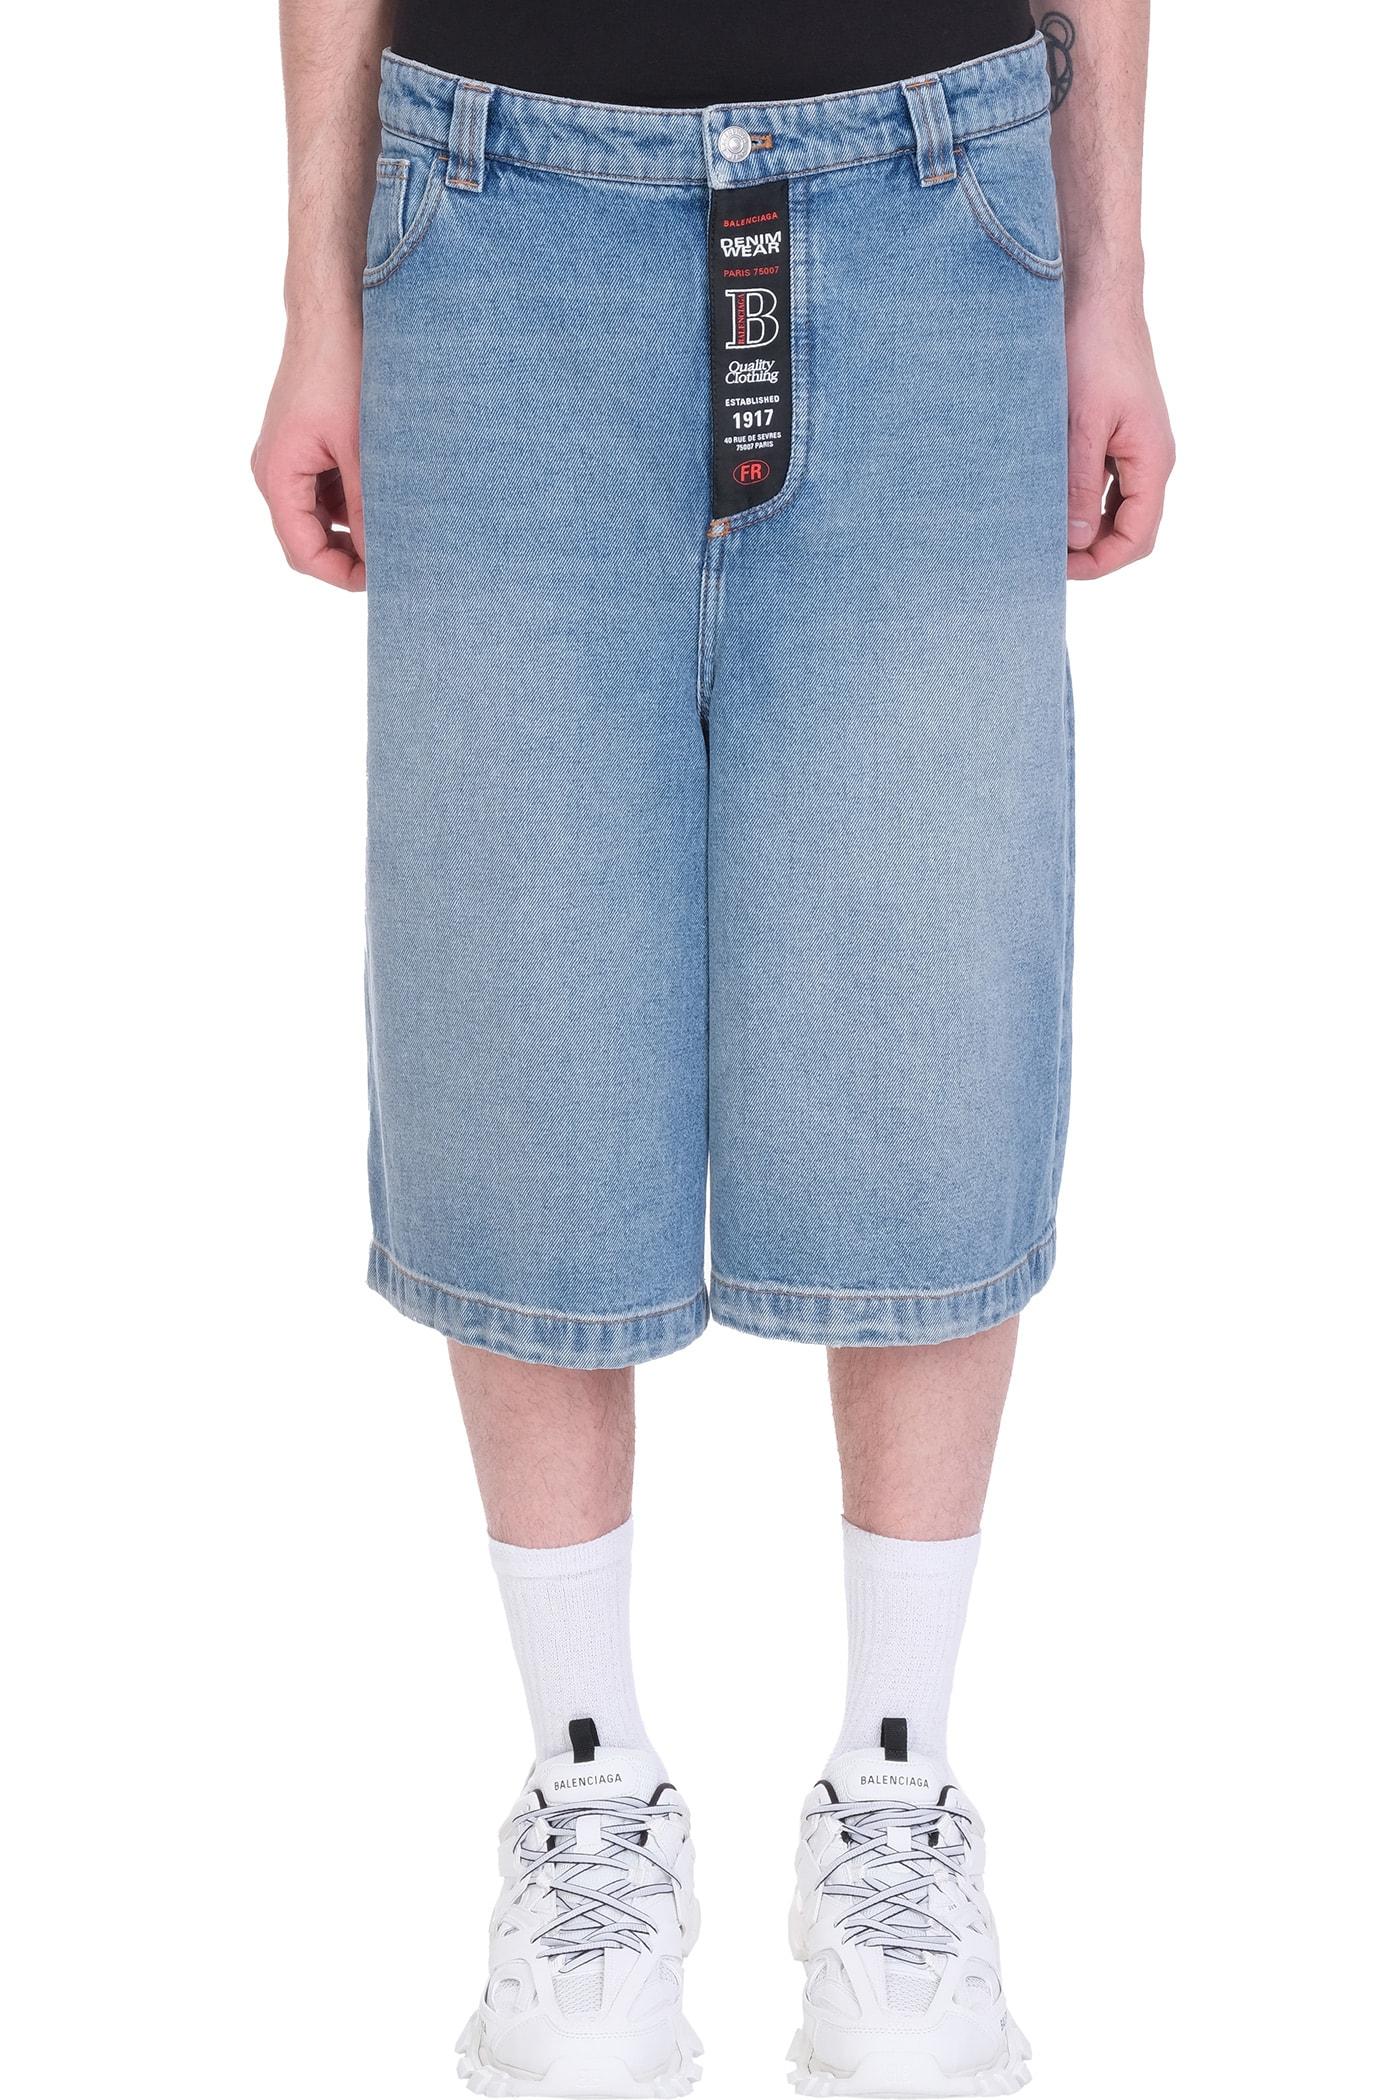 Balenciaga Shorts In Blue Denim